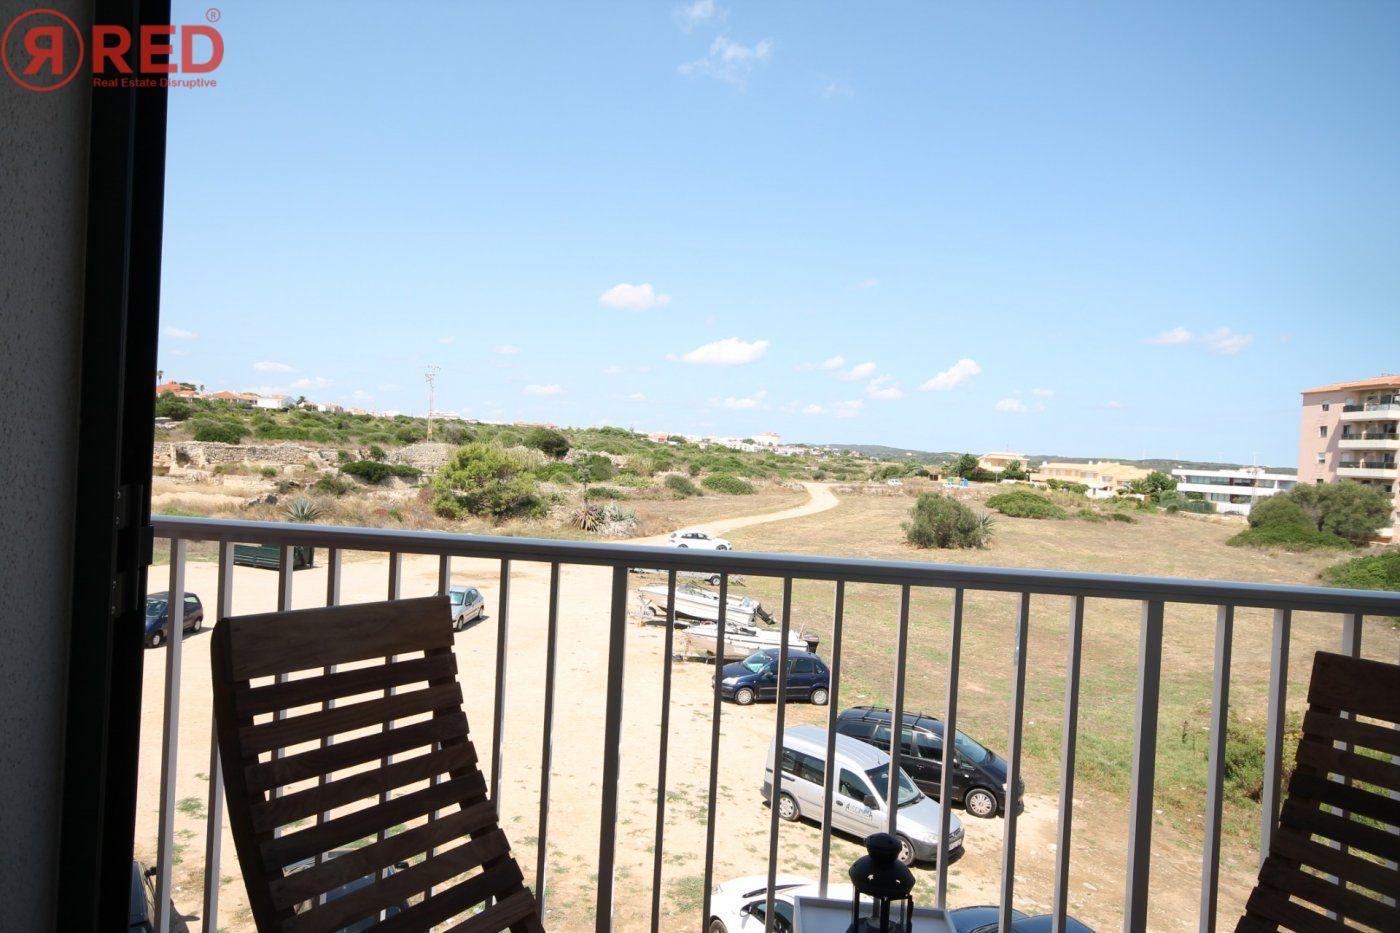 Dúplex con terraza y piscina comunitaria, equipamiento y mobiliario excepcional - imagenInmueble4